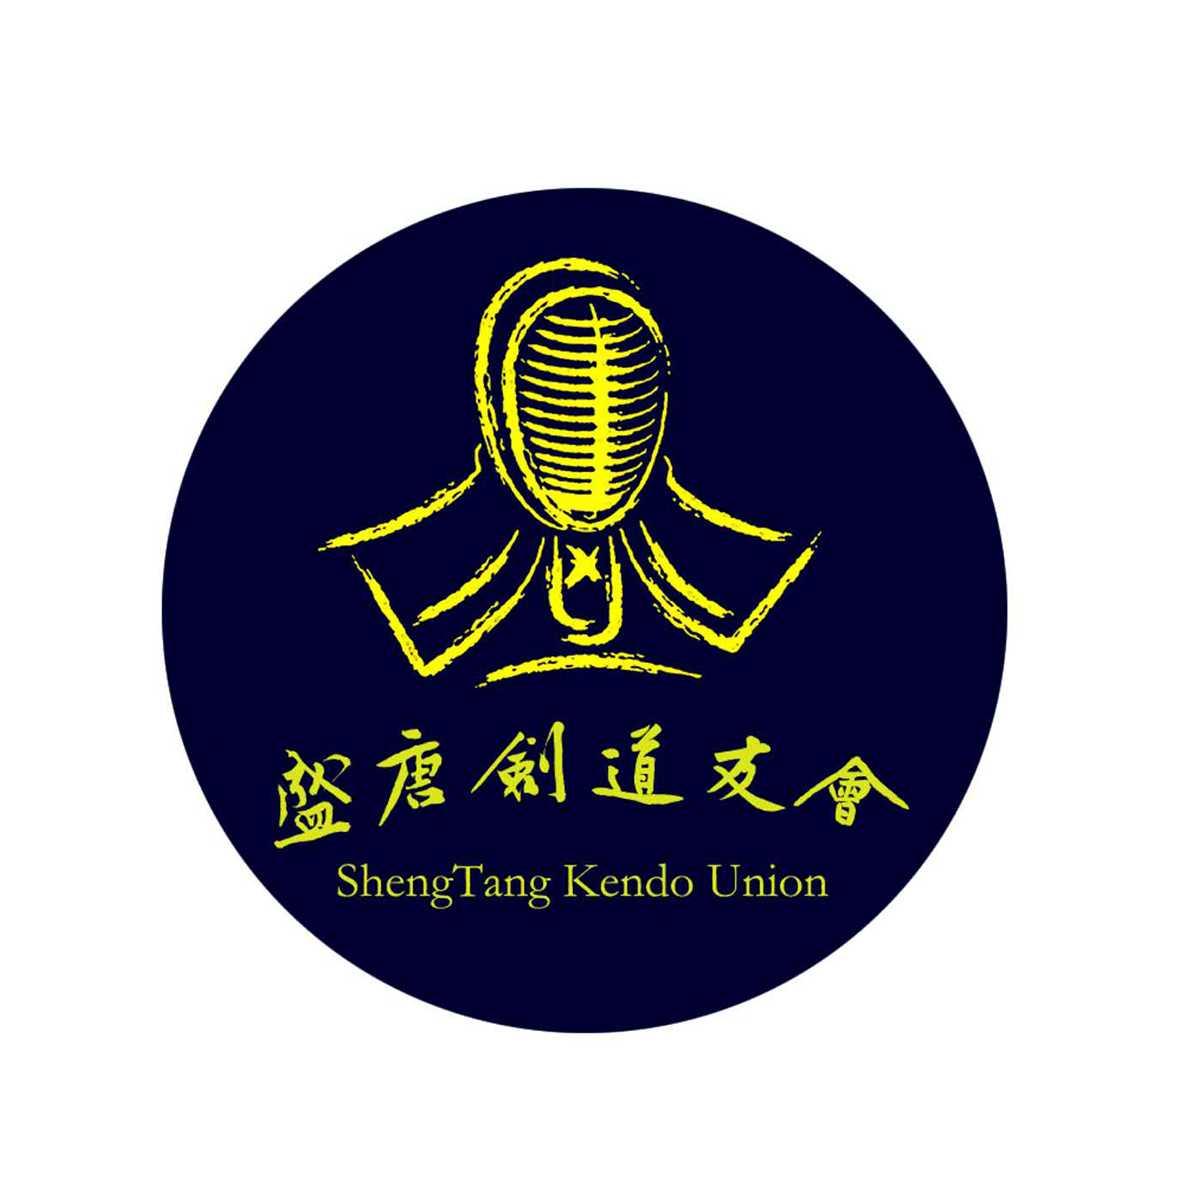 盛唐剑道友会logo